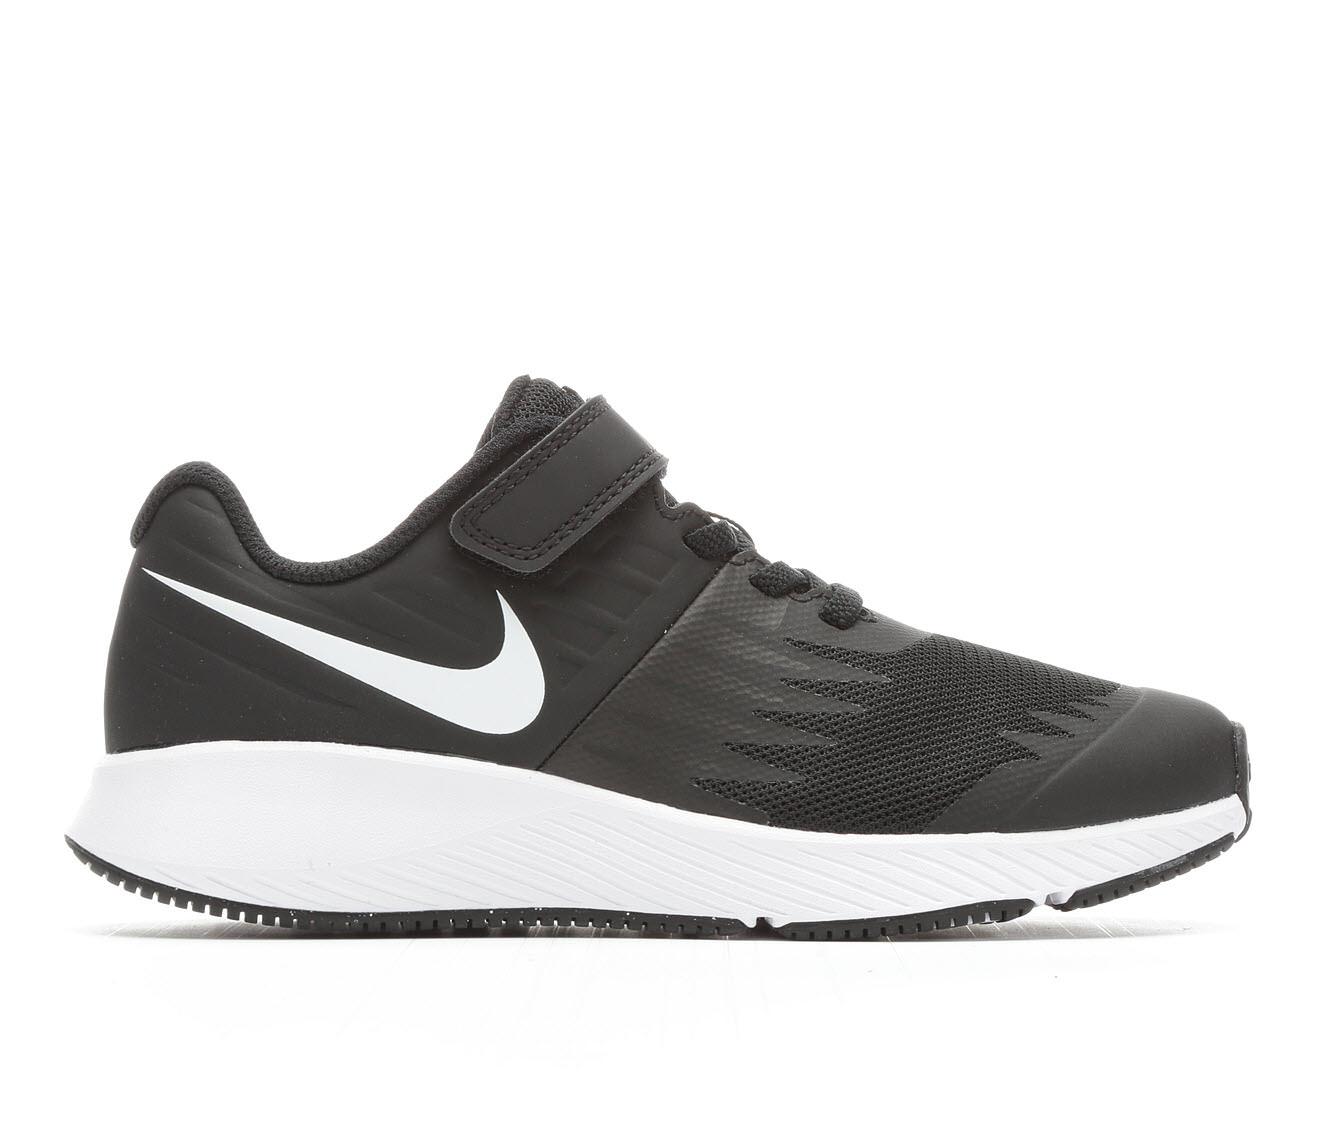 Boys' Nike Star Runner PS Velcro Running Shoes (Black)